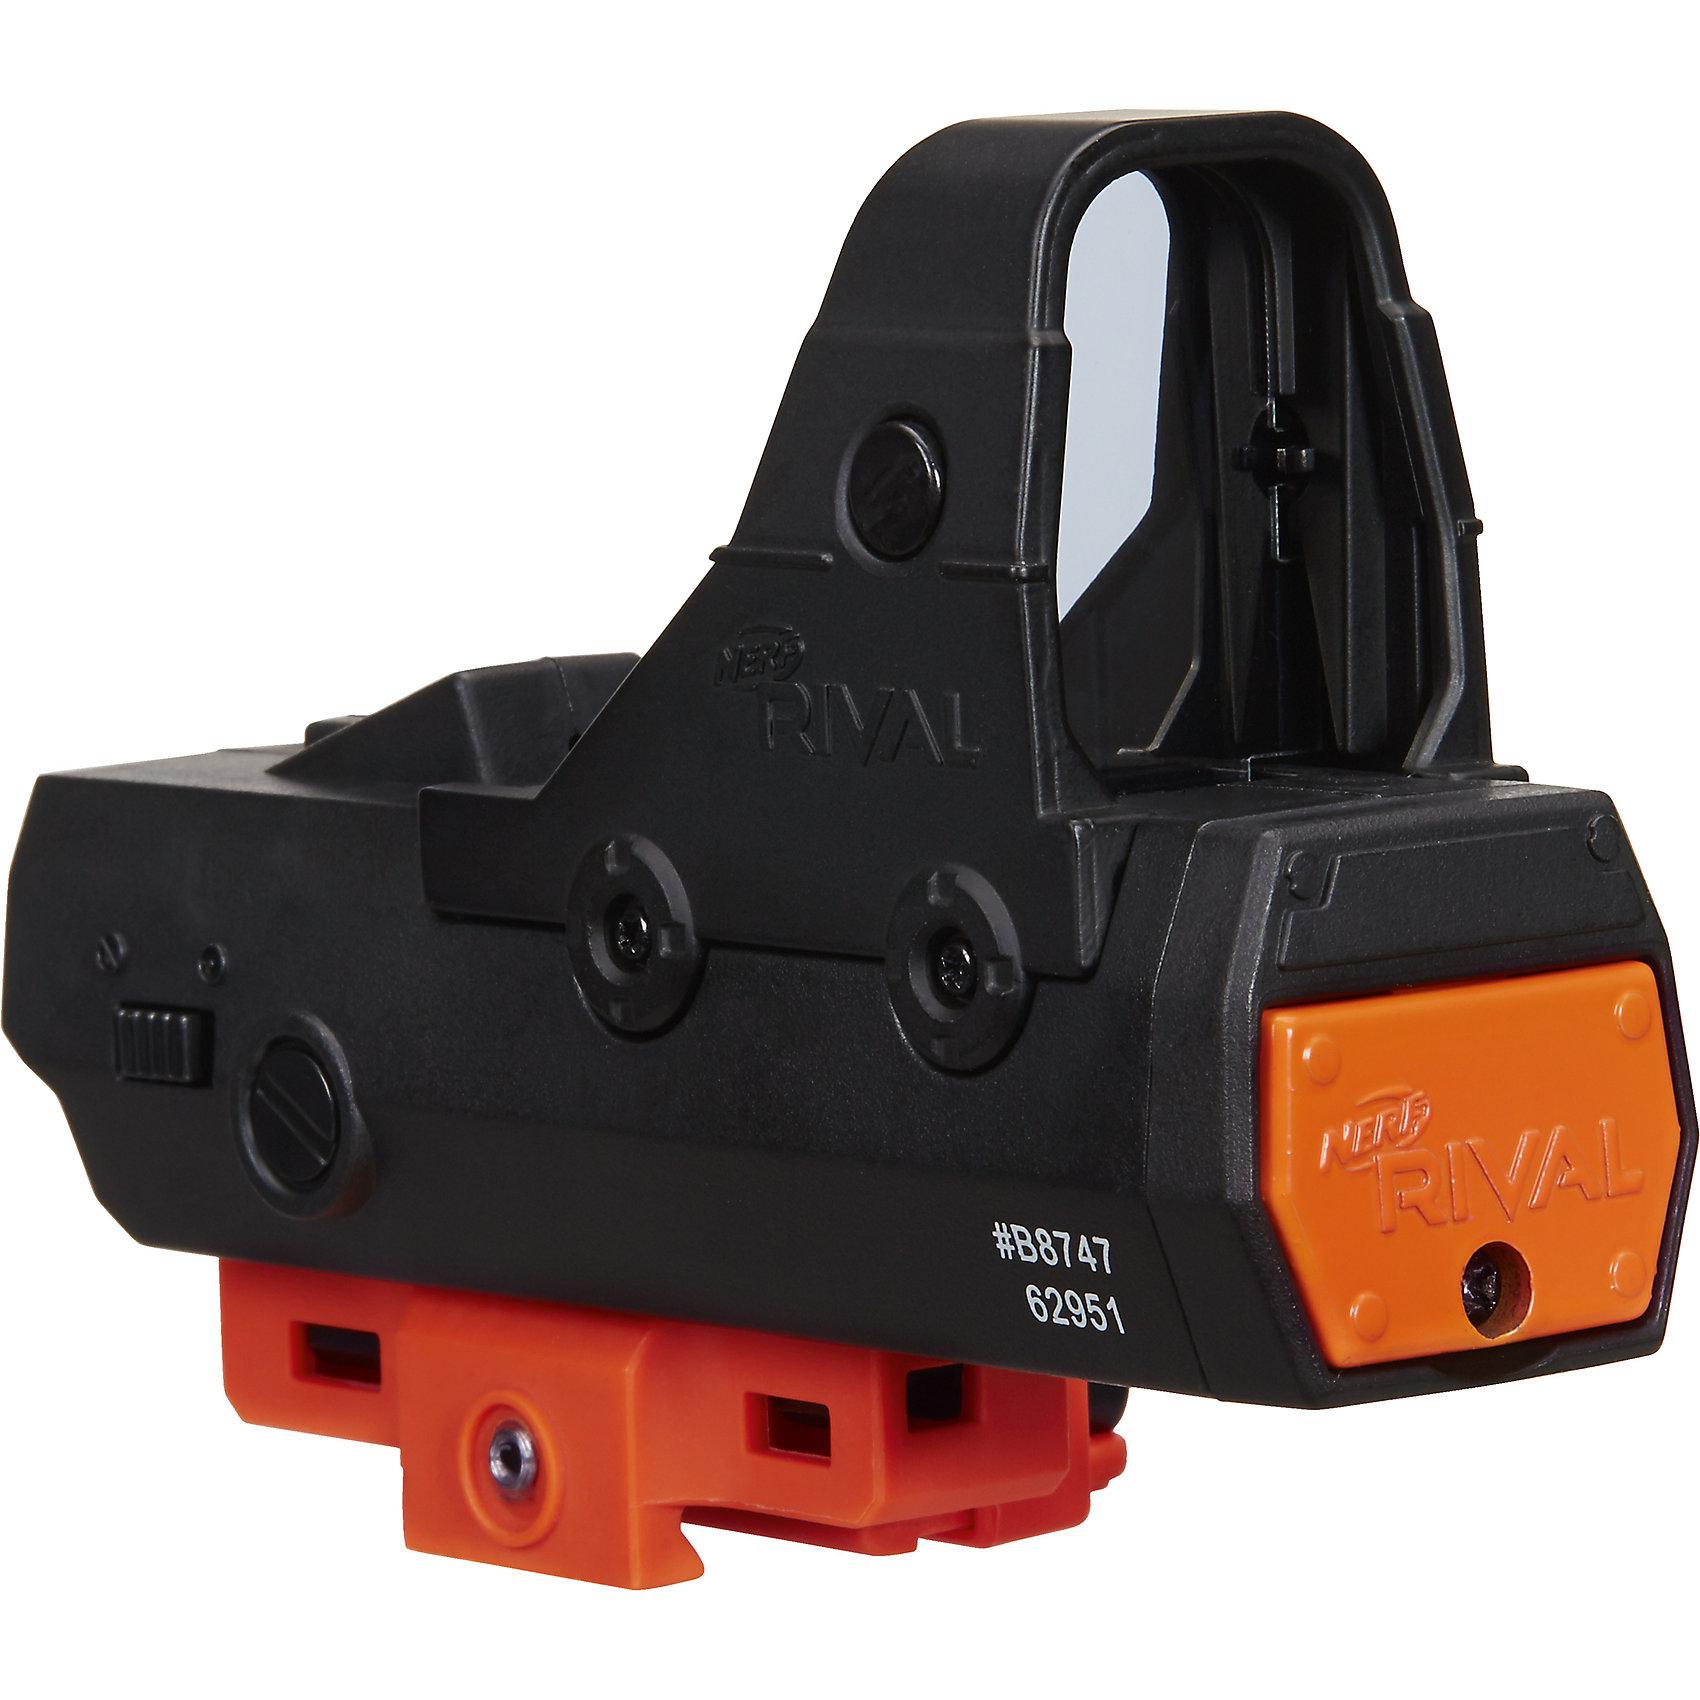 Аксессуар для бластера Райвал, Nerf, Hasbro, B8232/B8747Бластеры, пистолеты и прочее<br>Характеристики:<br><br>• возраст: от 14 лет;<br>• материал: пластик;<br>• тип батареек: 2 батарейки ААА;<br>• наличие батареек: в комплект не входят;<br>• размер упаковки: 19,7х15,2х4,8 см;<br>• вес упаковки: 680 гр.;<br>• страна производитель: Китай.<br><br>Аксессуар для бластера «Райвал» Nerf Hasbro разработан специально для бластеров Nerf и поможет улучшить его функции и технические характеристики. Он представляет собой световой прицел для лучшего наведения на цель.<br><br>Аксессуар для бластера «Райвал» Nerf Hasbro можно приобрести в нашем интернет-магазине.<br><br>Ширина мм: 48<br>Глубина мм: 152<br>Высота мм: 197<br>Вес г: 680<br>Возраст от месяцев: 168<br>Возраст до месяцев: 2147483647<br>Пол: Унисекс<br>Возраст: Детский<br>SKU: 6979816